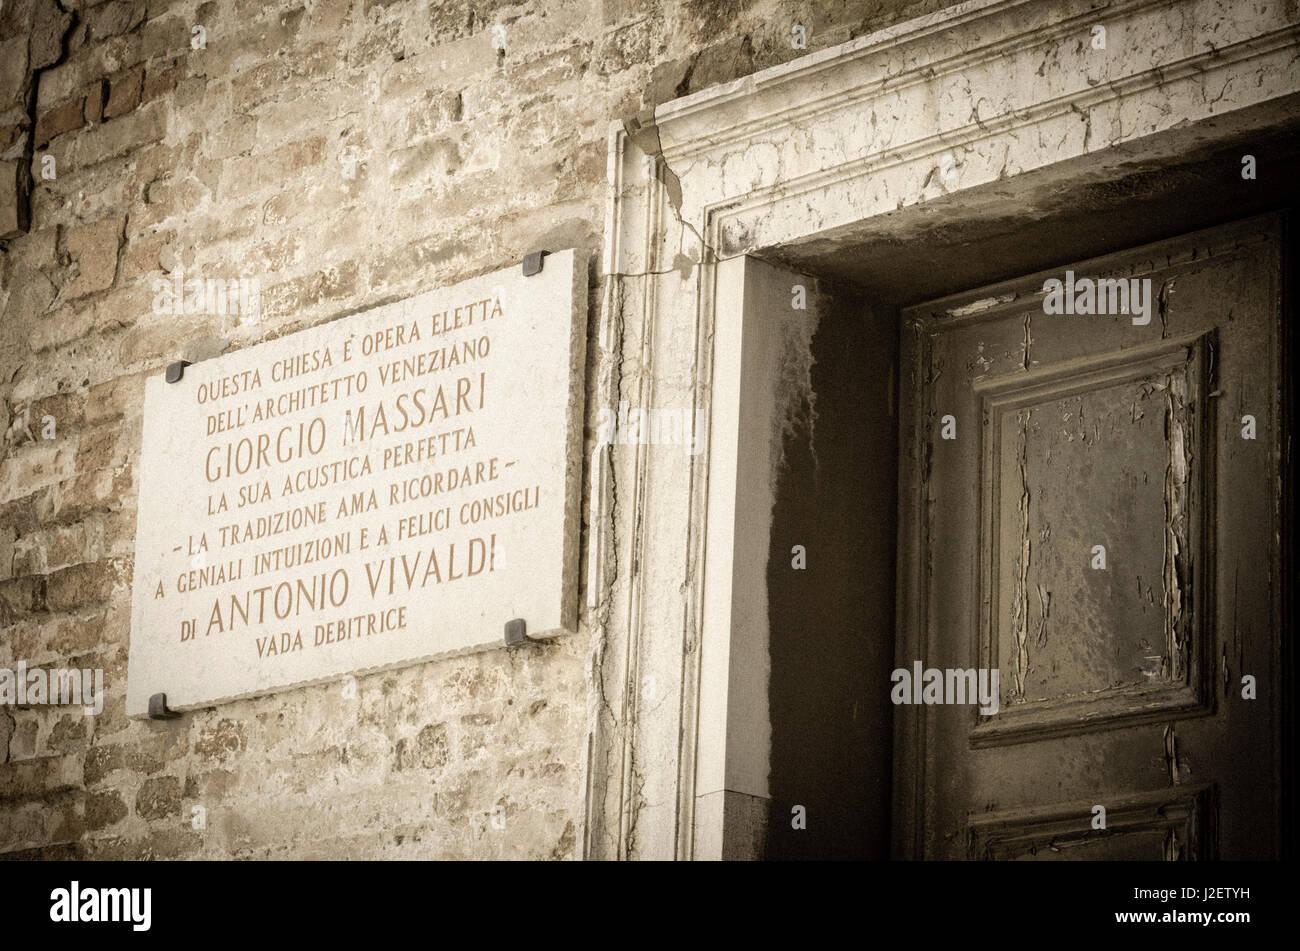 Plaque honoring Giorgio Massari and Antonio Vivaldi at Santa Maria della Pieta Church, Venice, Veneto, Italy - Stock Image